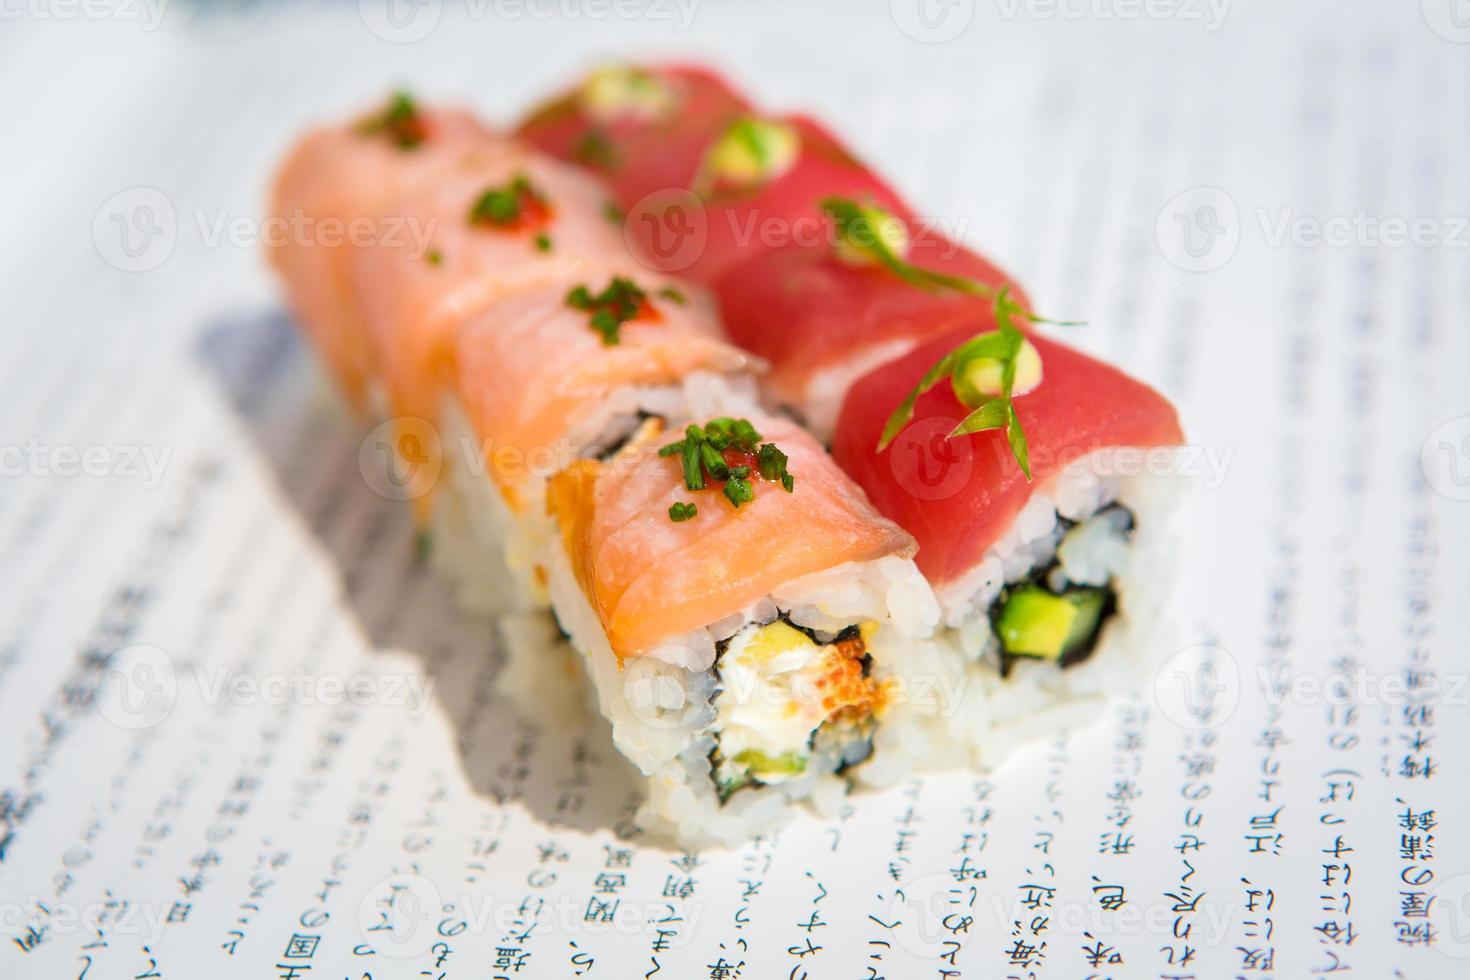 involtini di sushi serviti su un piatto foto